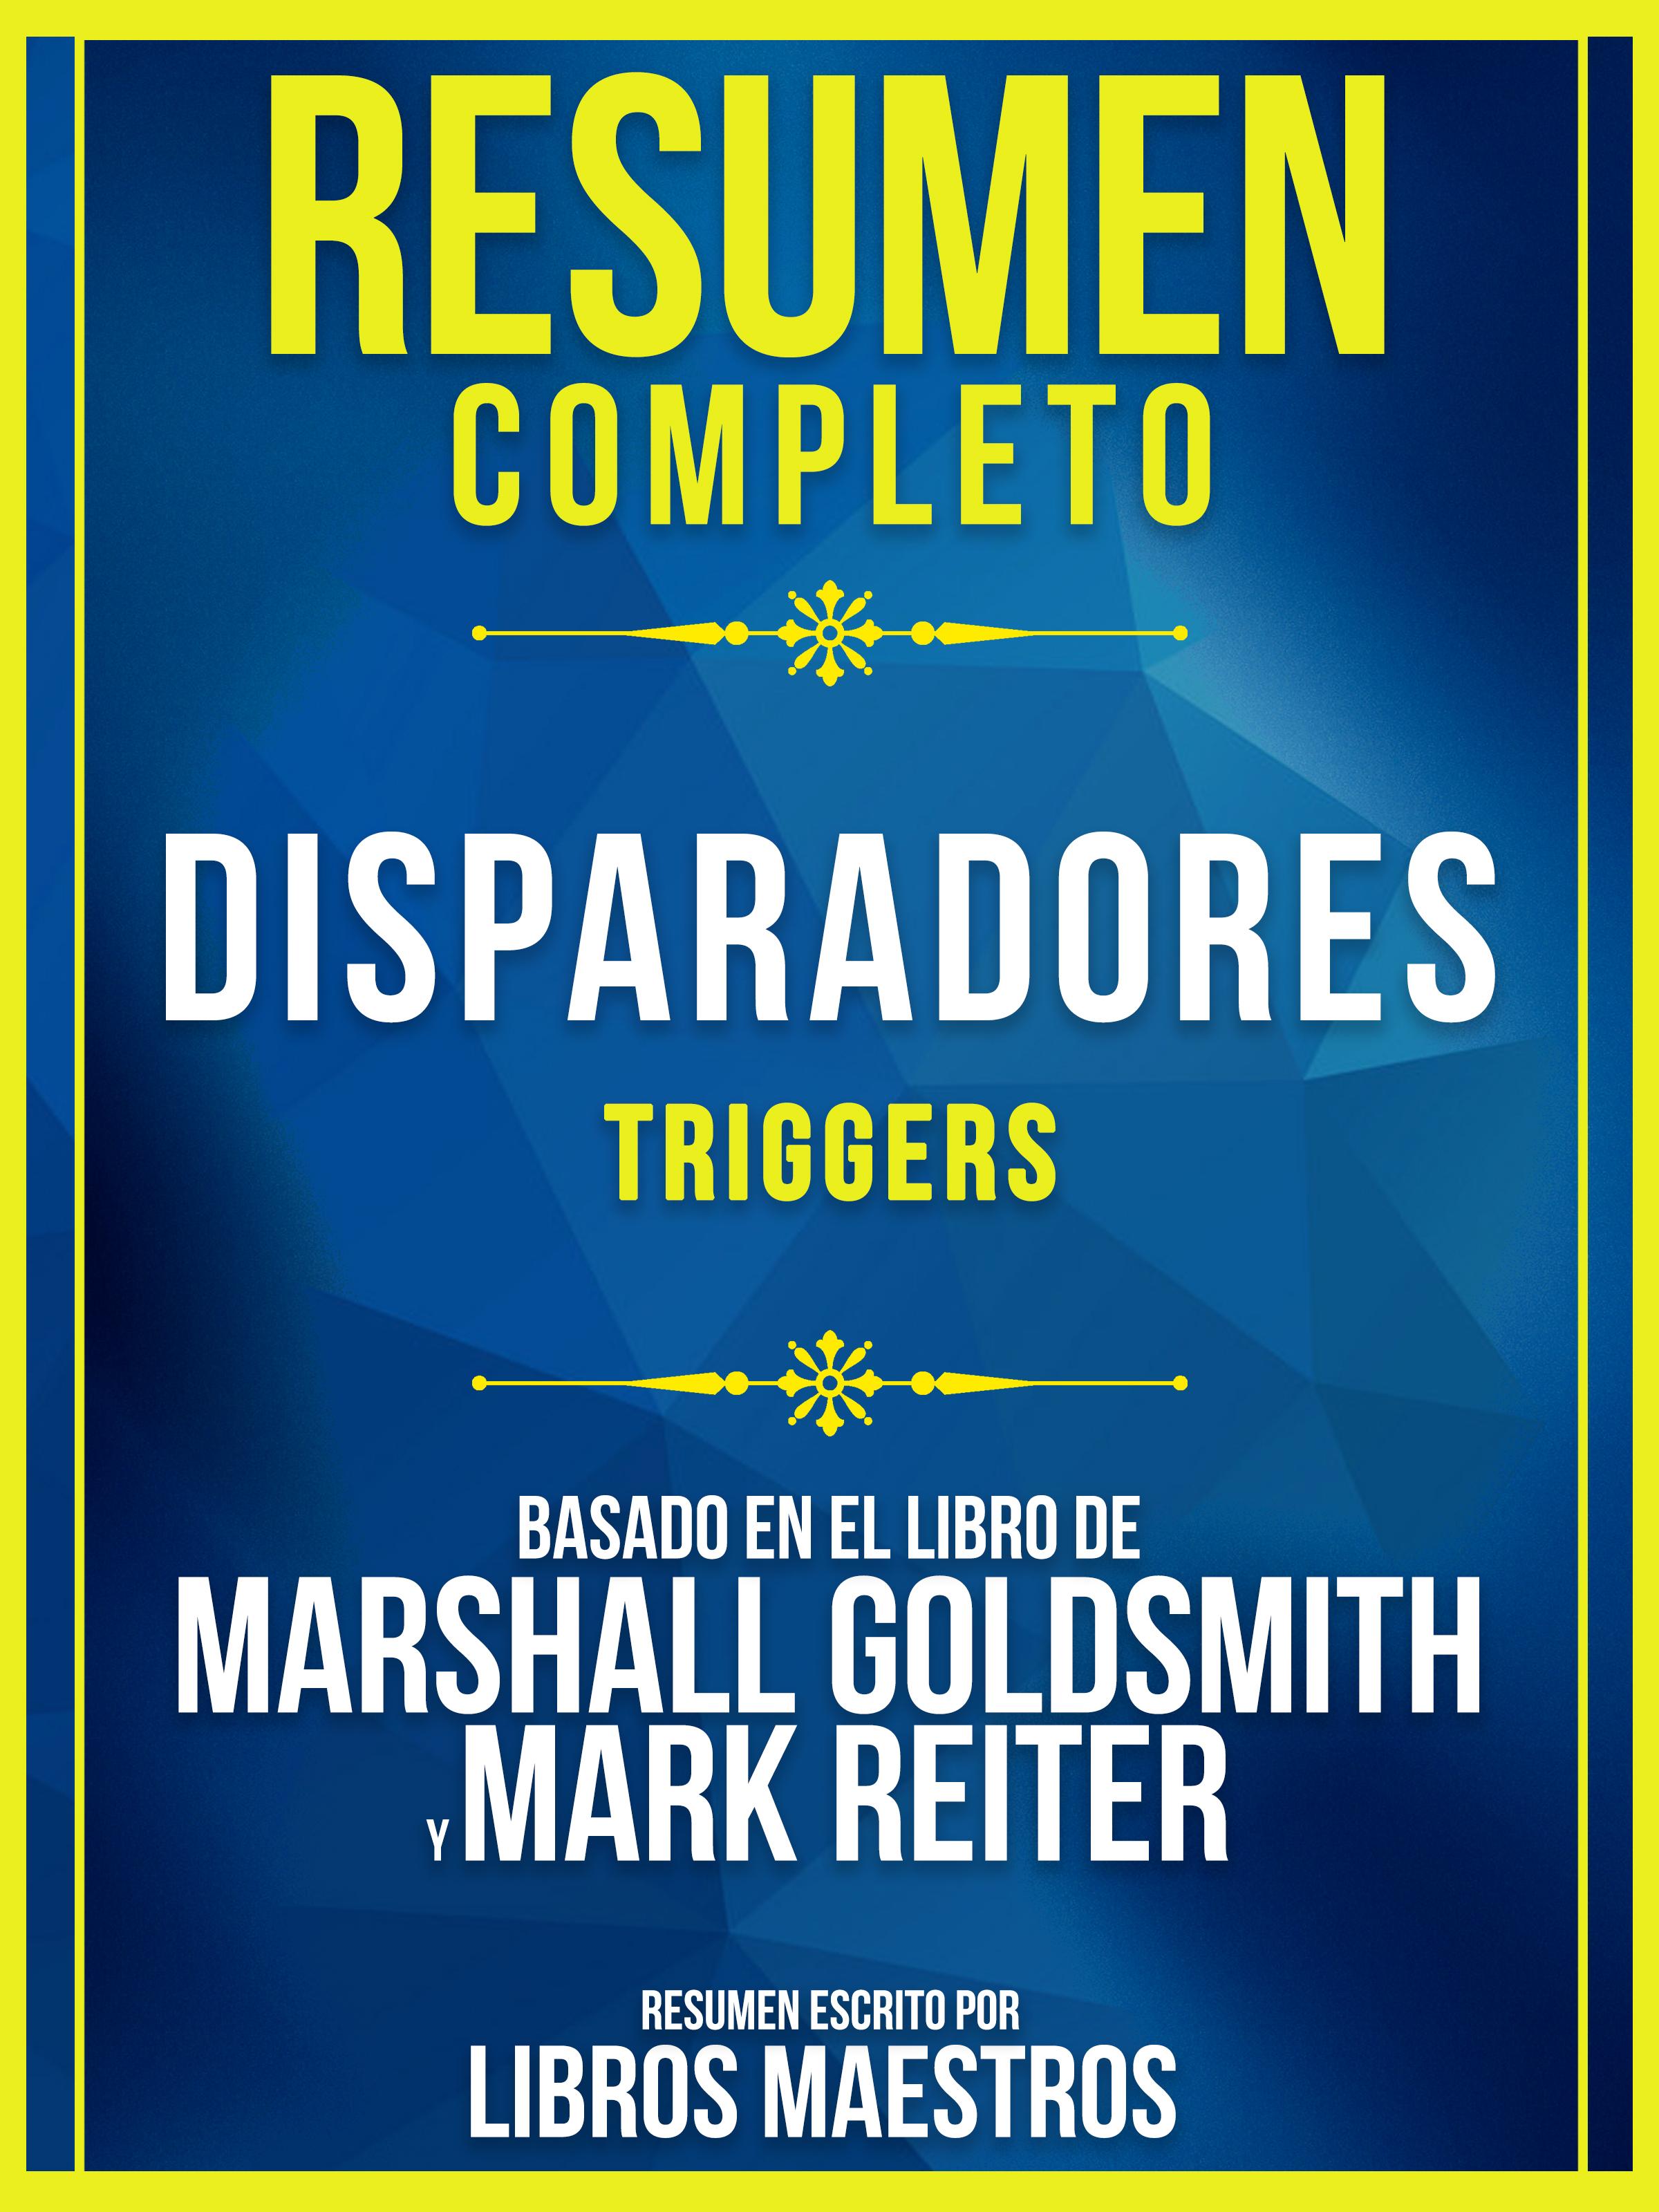 Libros Maestros Resumen Completo: Disparadores (Triggers) - Basado En El Libro De Marshall Goldsmith Y Mark Reiter недорого